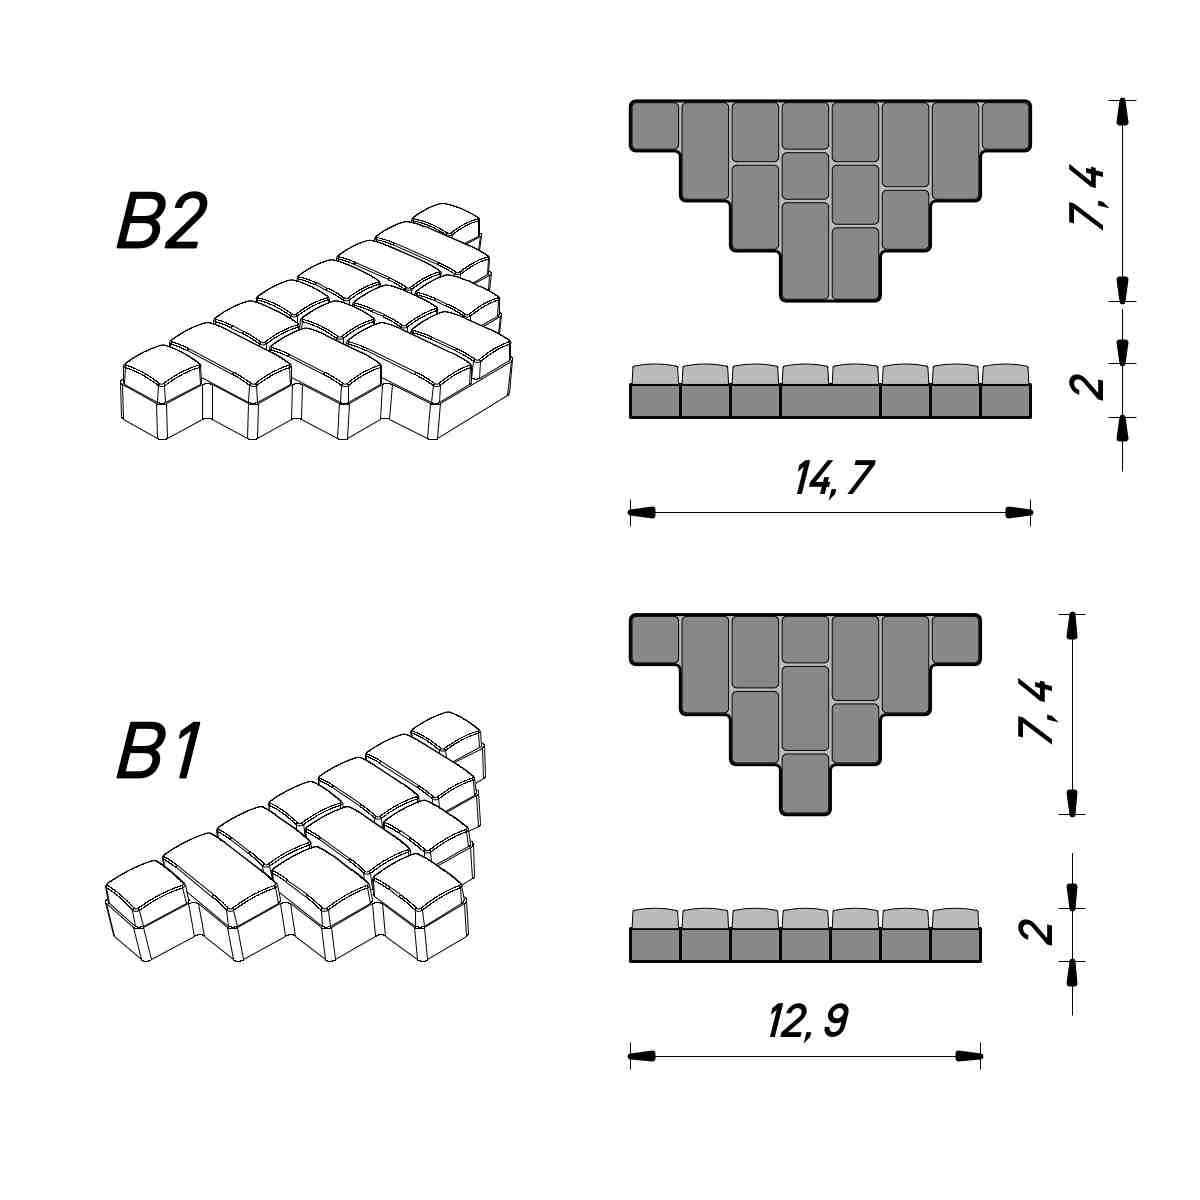 BrukCiosMod-H0_dim_B.jpg